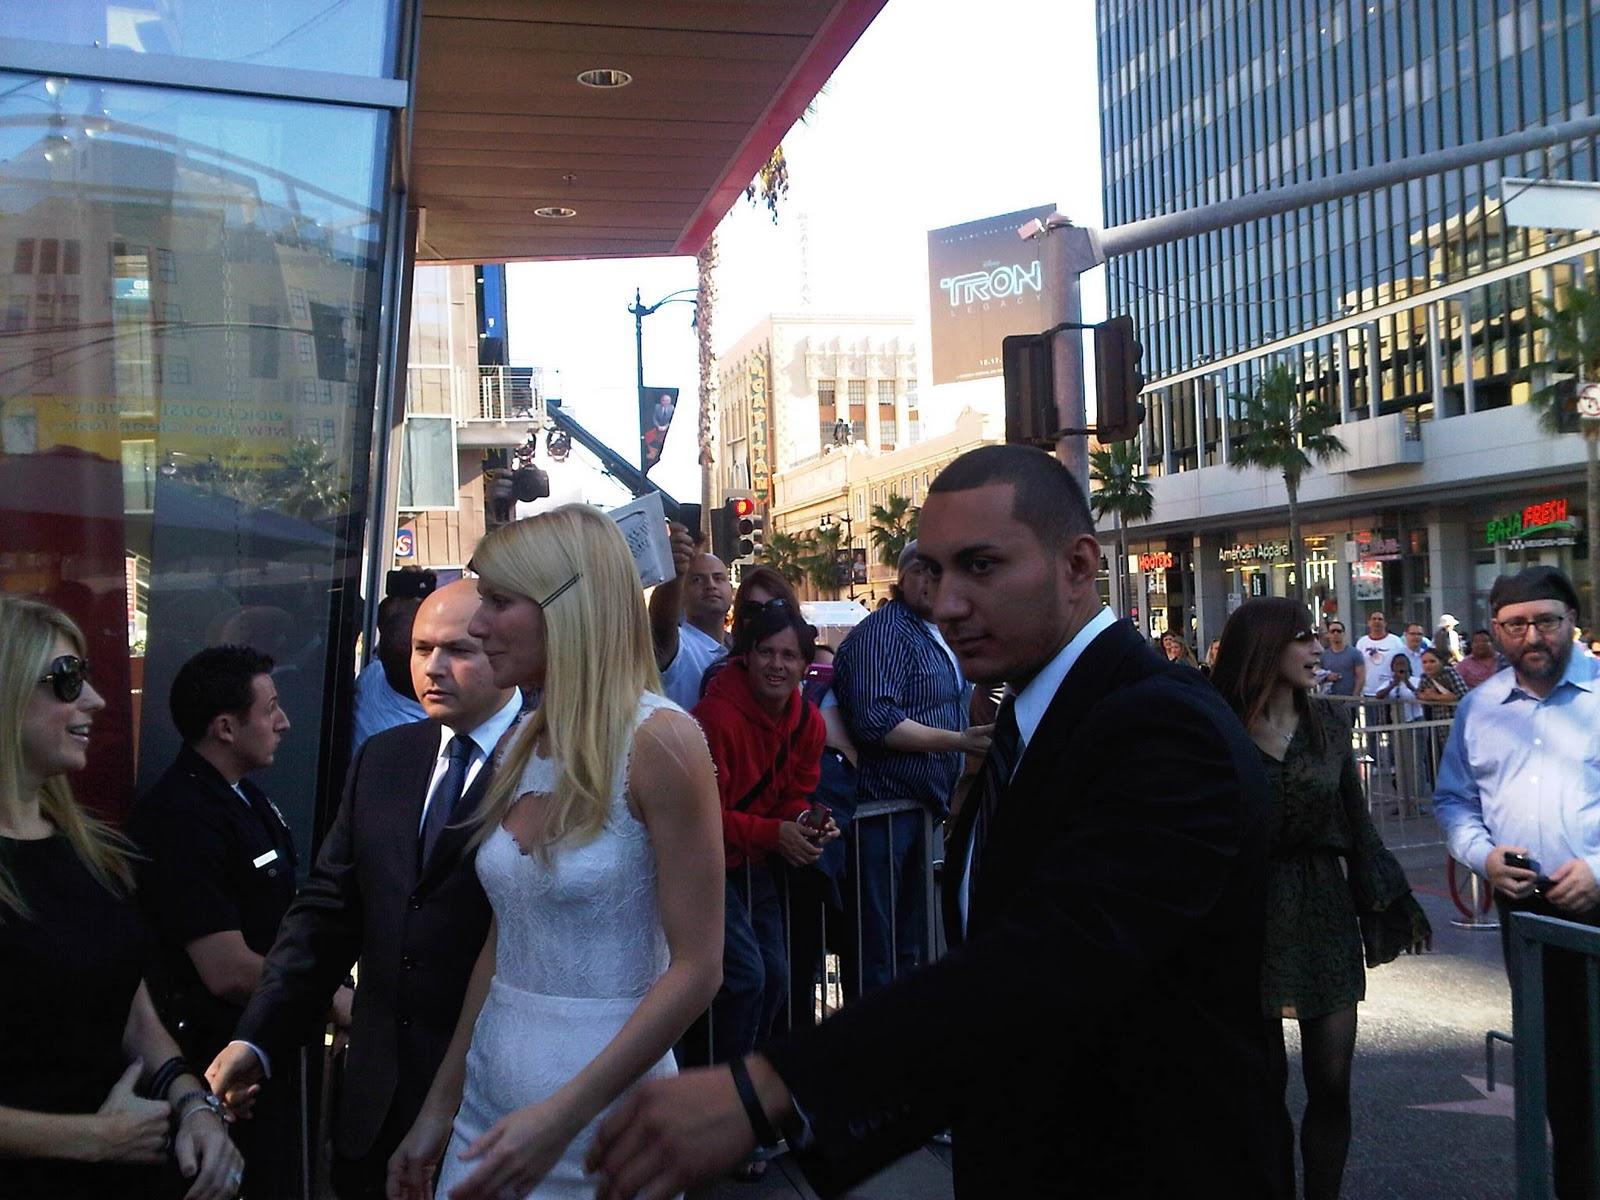 http://2.bp.blogspot.com/_LQQ5FS2UDbY/TQaE1aeYkQI/AAAAAAAADSk/FJFvd2LFagg/s1600/Gwyneth%252BPaltrow%252Bstar.jpg